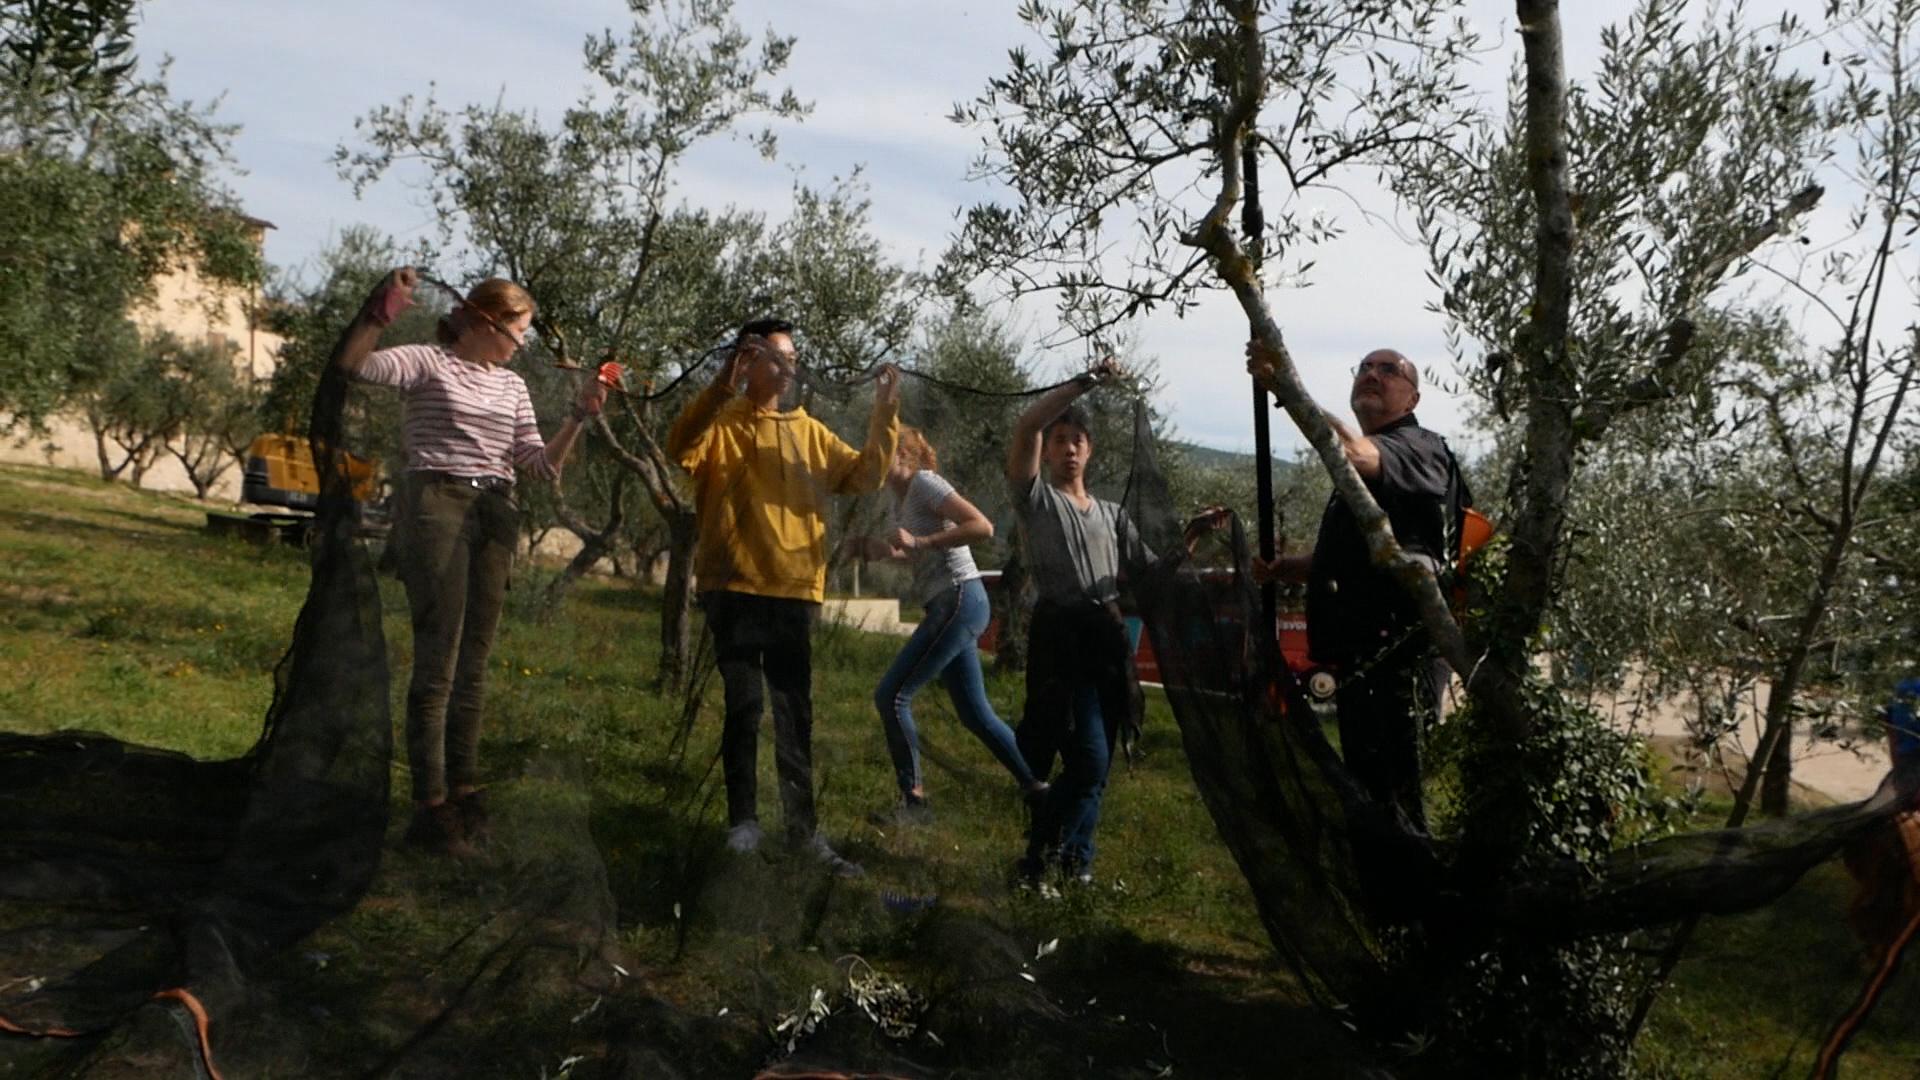 Esperienza sensoriale Assisi Tili Vini - Raccogliamo le olive insieme 2